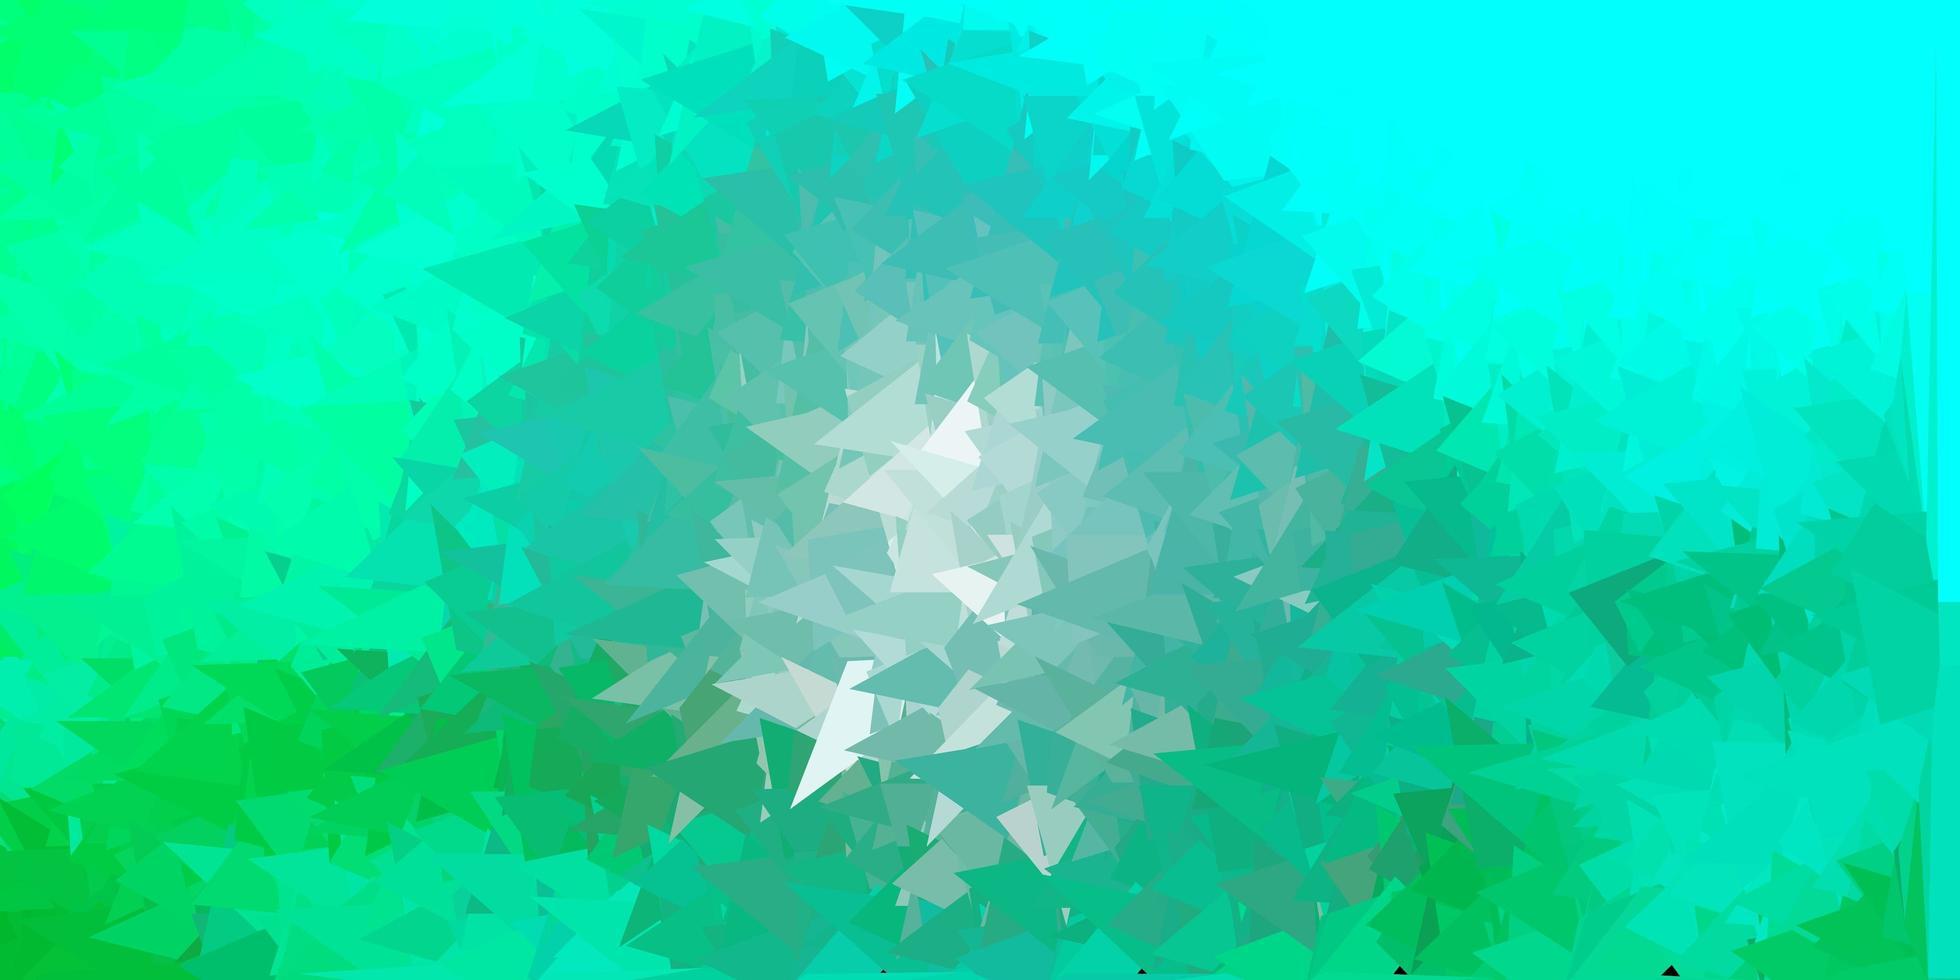 hellgrüner Vektor polygonaler Hintergrund.